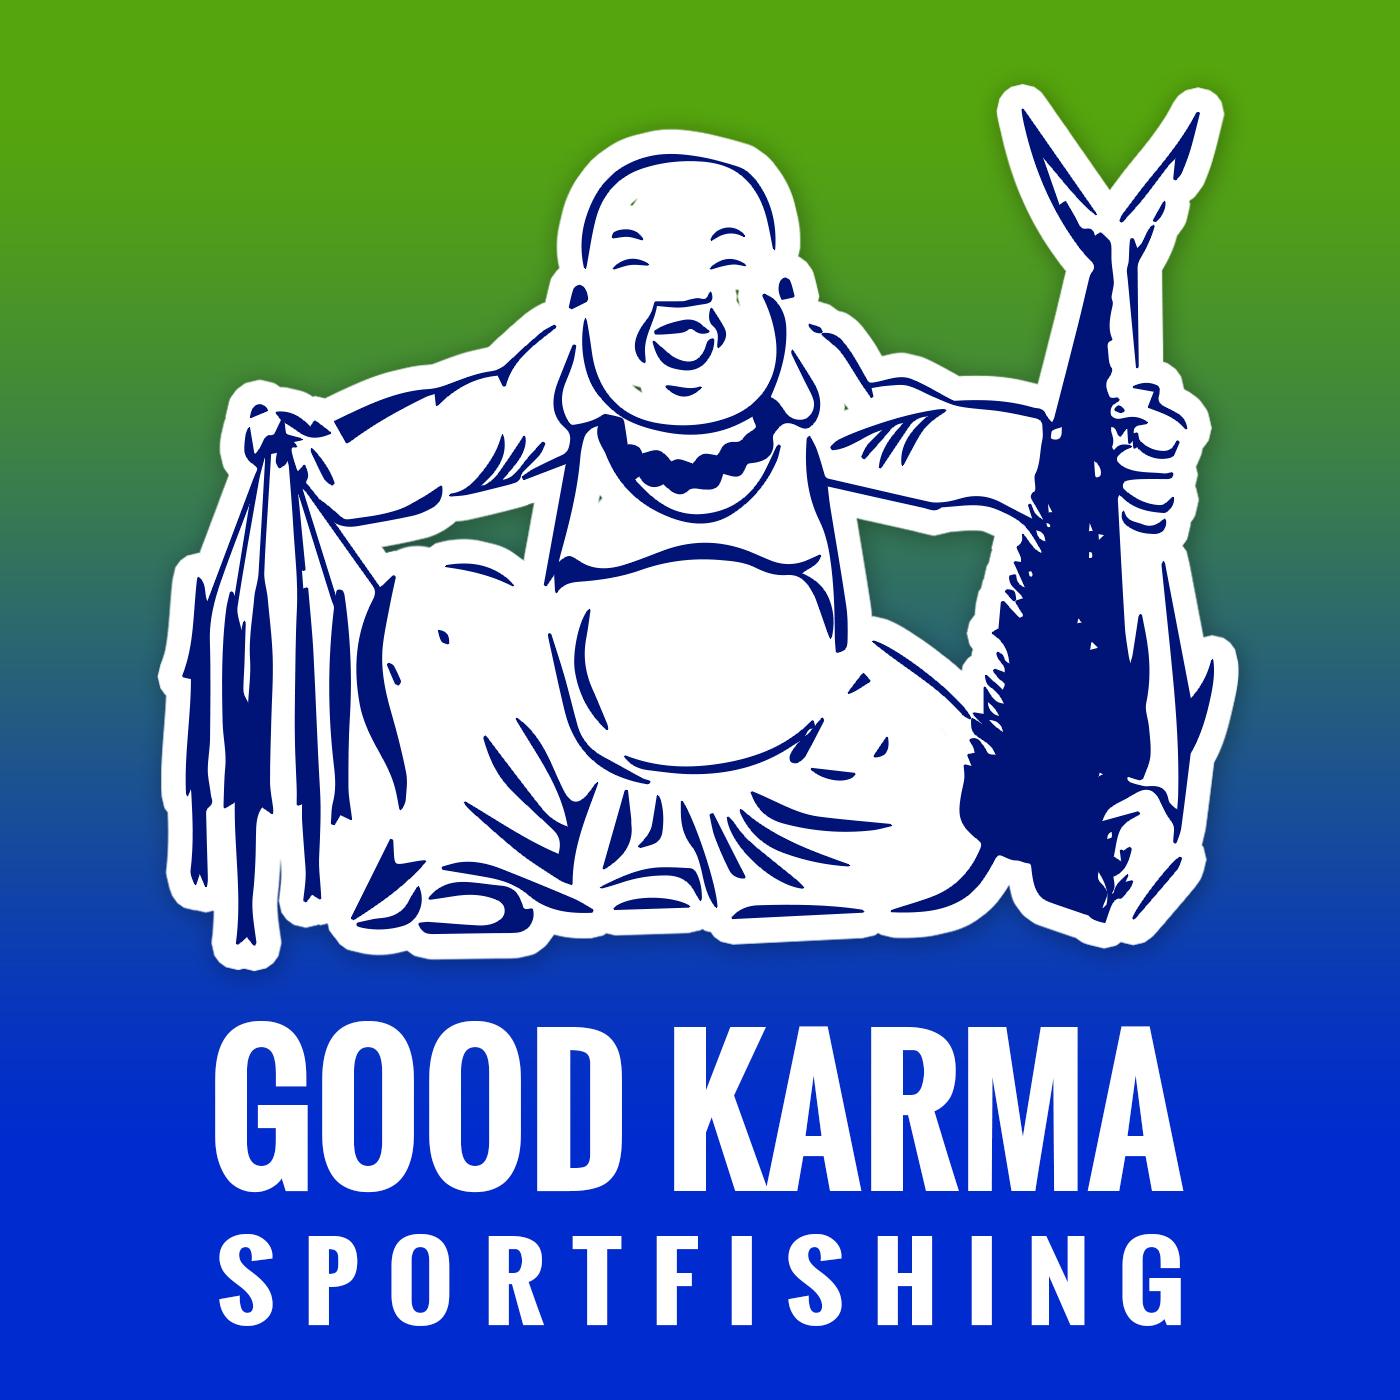 Good Karma Sportfishing | Libsyn Directory